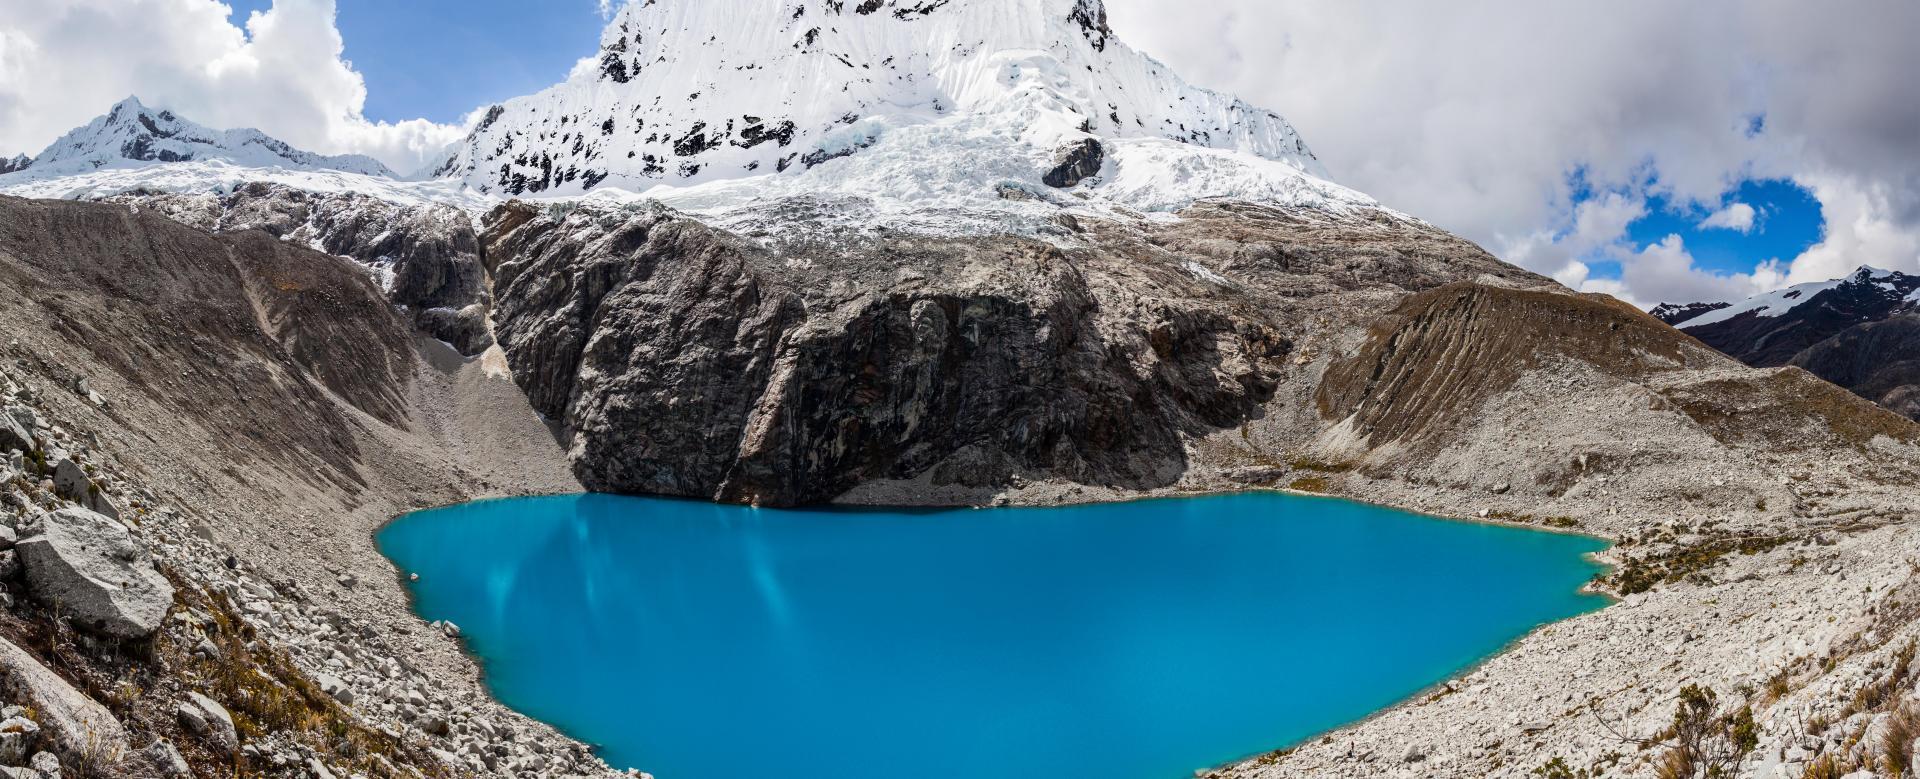 Voyage à pied : Pérou : Vallée sacrée, lac titicaca et cordillère blanche